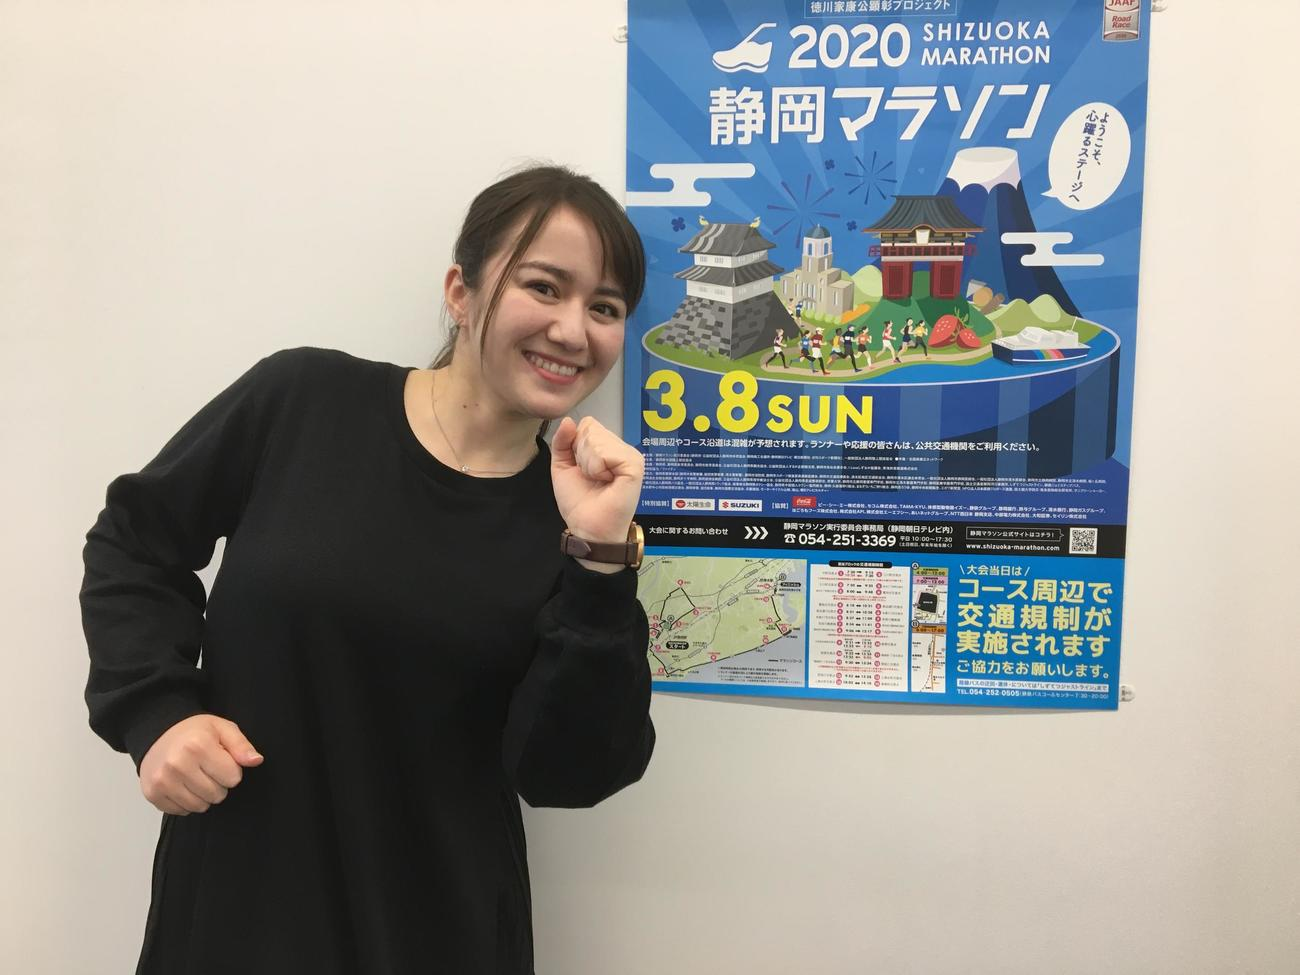 静岡朝日テレビのスミス春子アナウンサーは、静岡マラソンのPRポスターの前でランニングポーズを披露